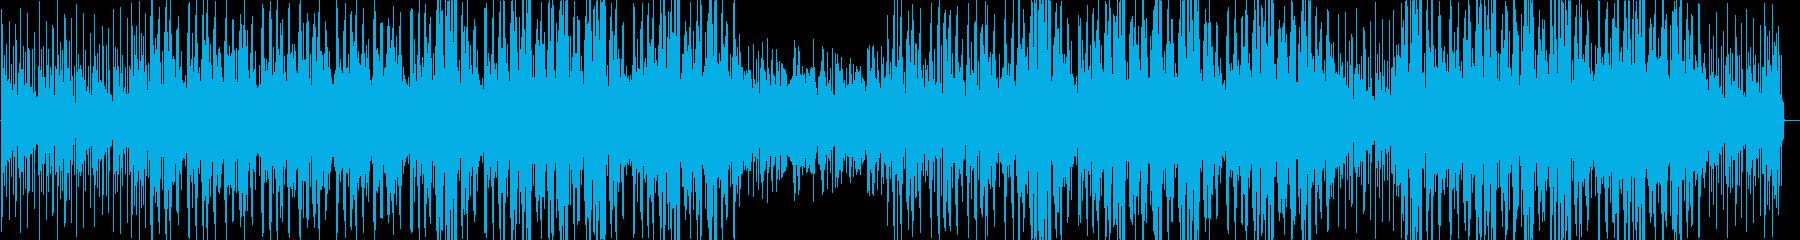 ジャジーでクール洋楽BGMアシッドジャズの再生済みの波形